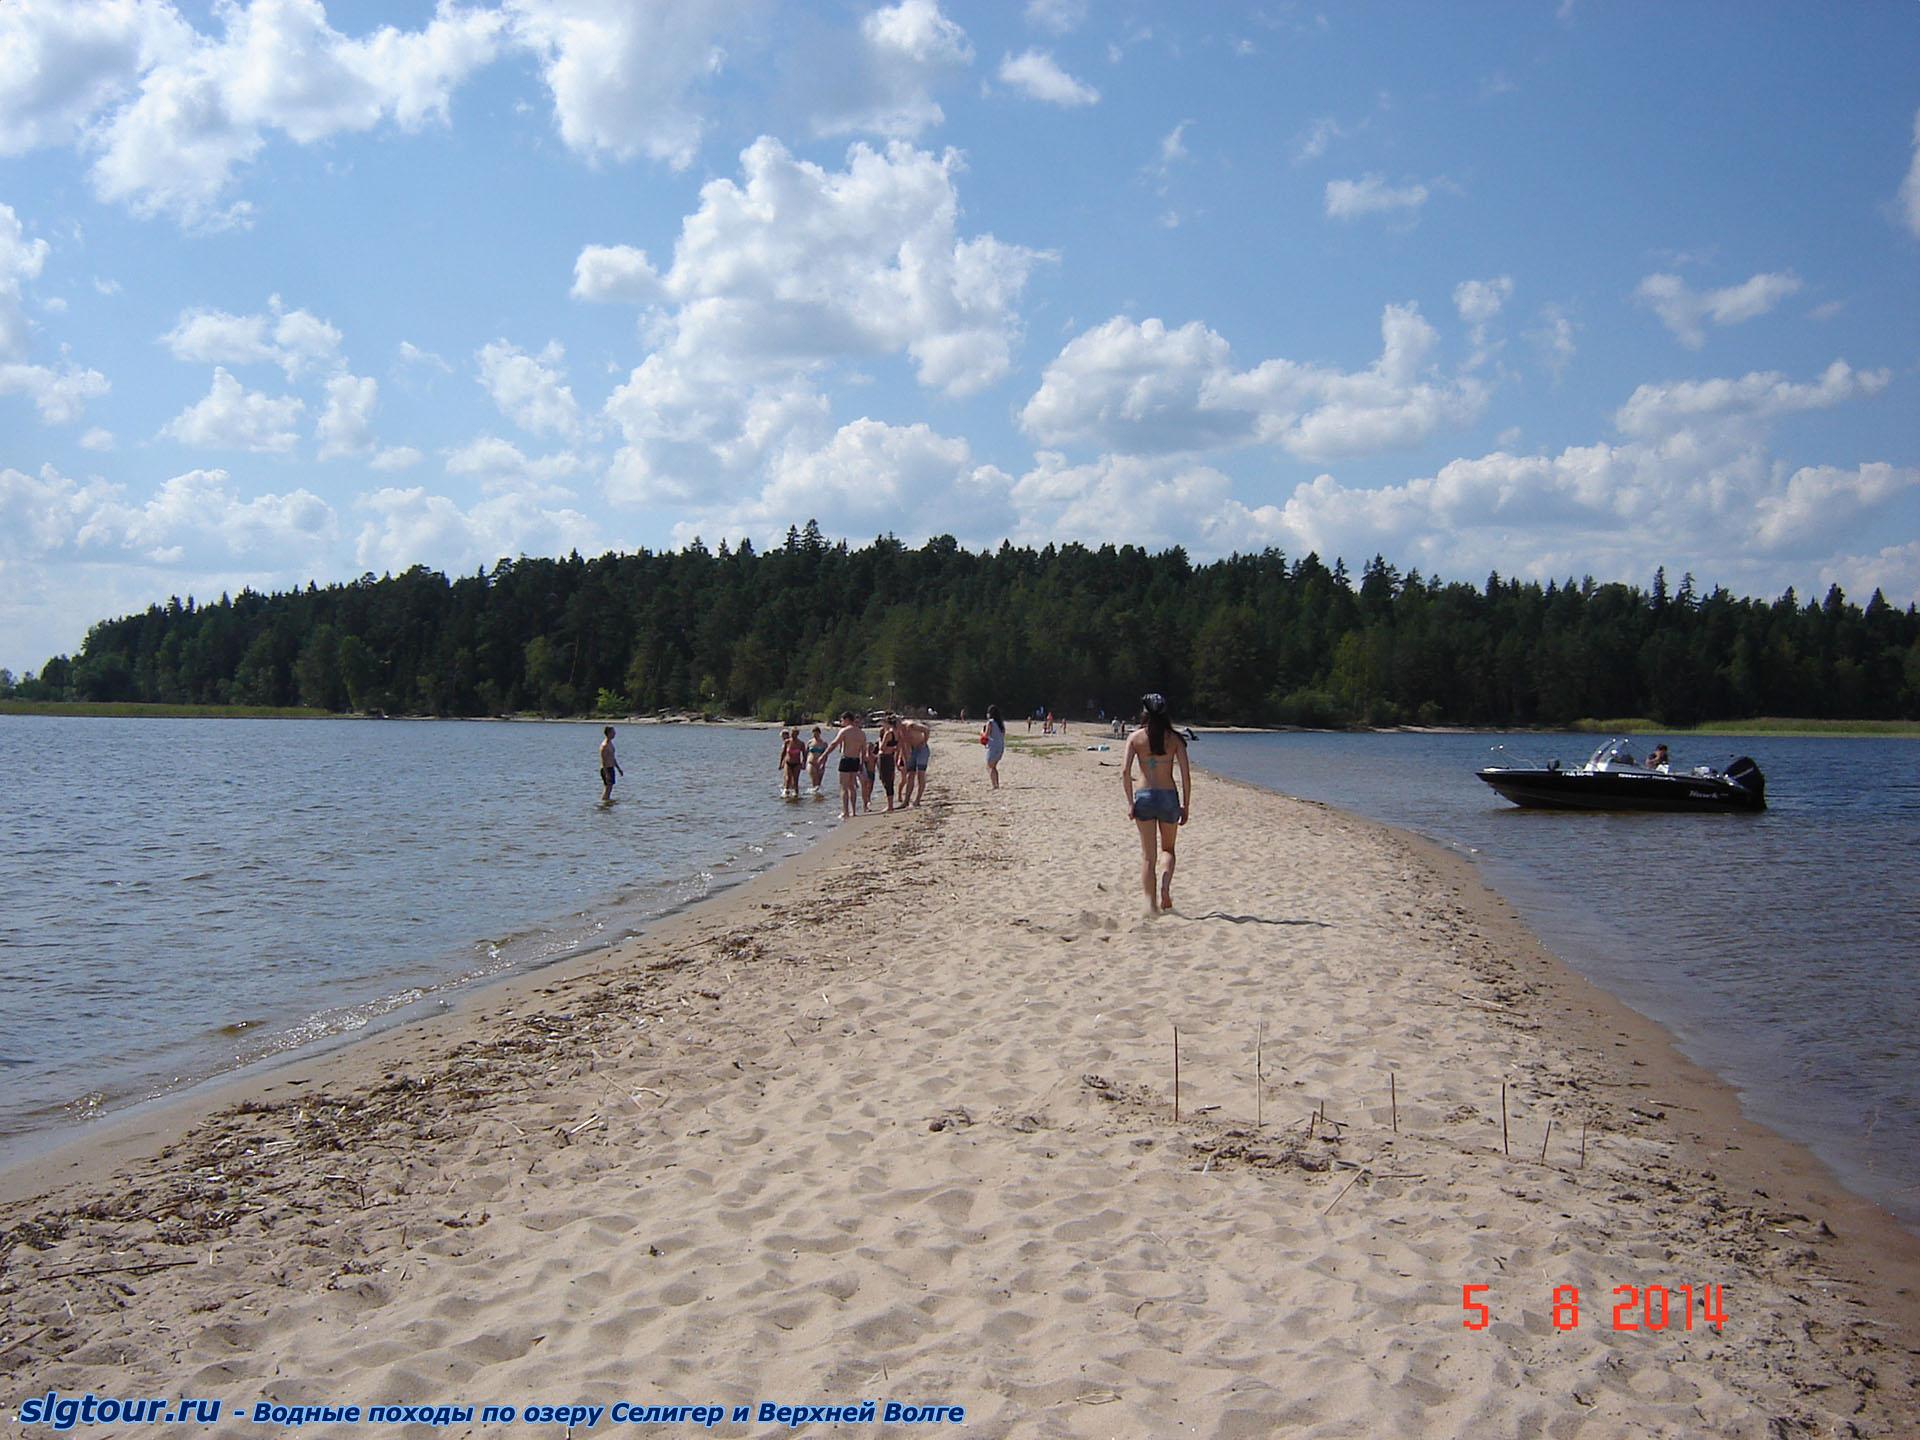 Селигер фото на пляже